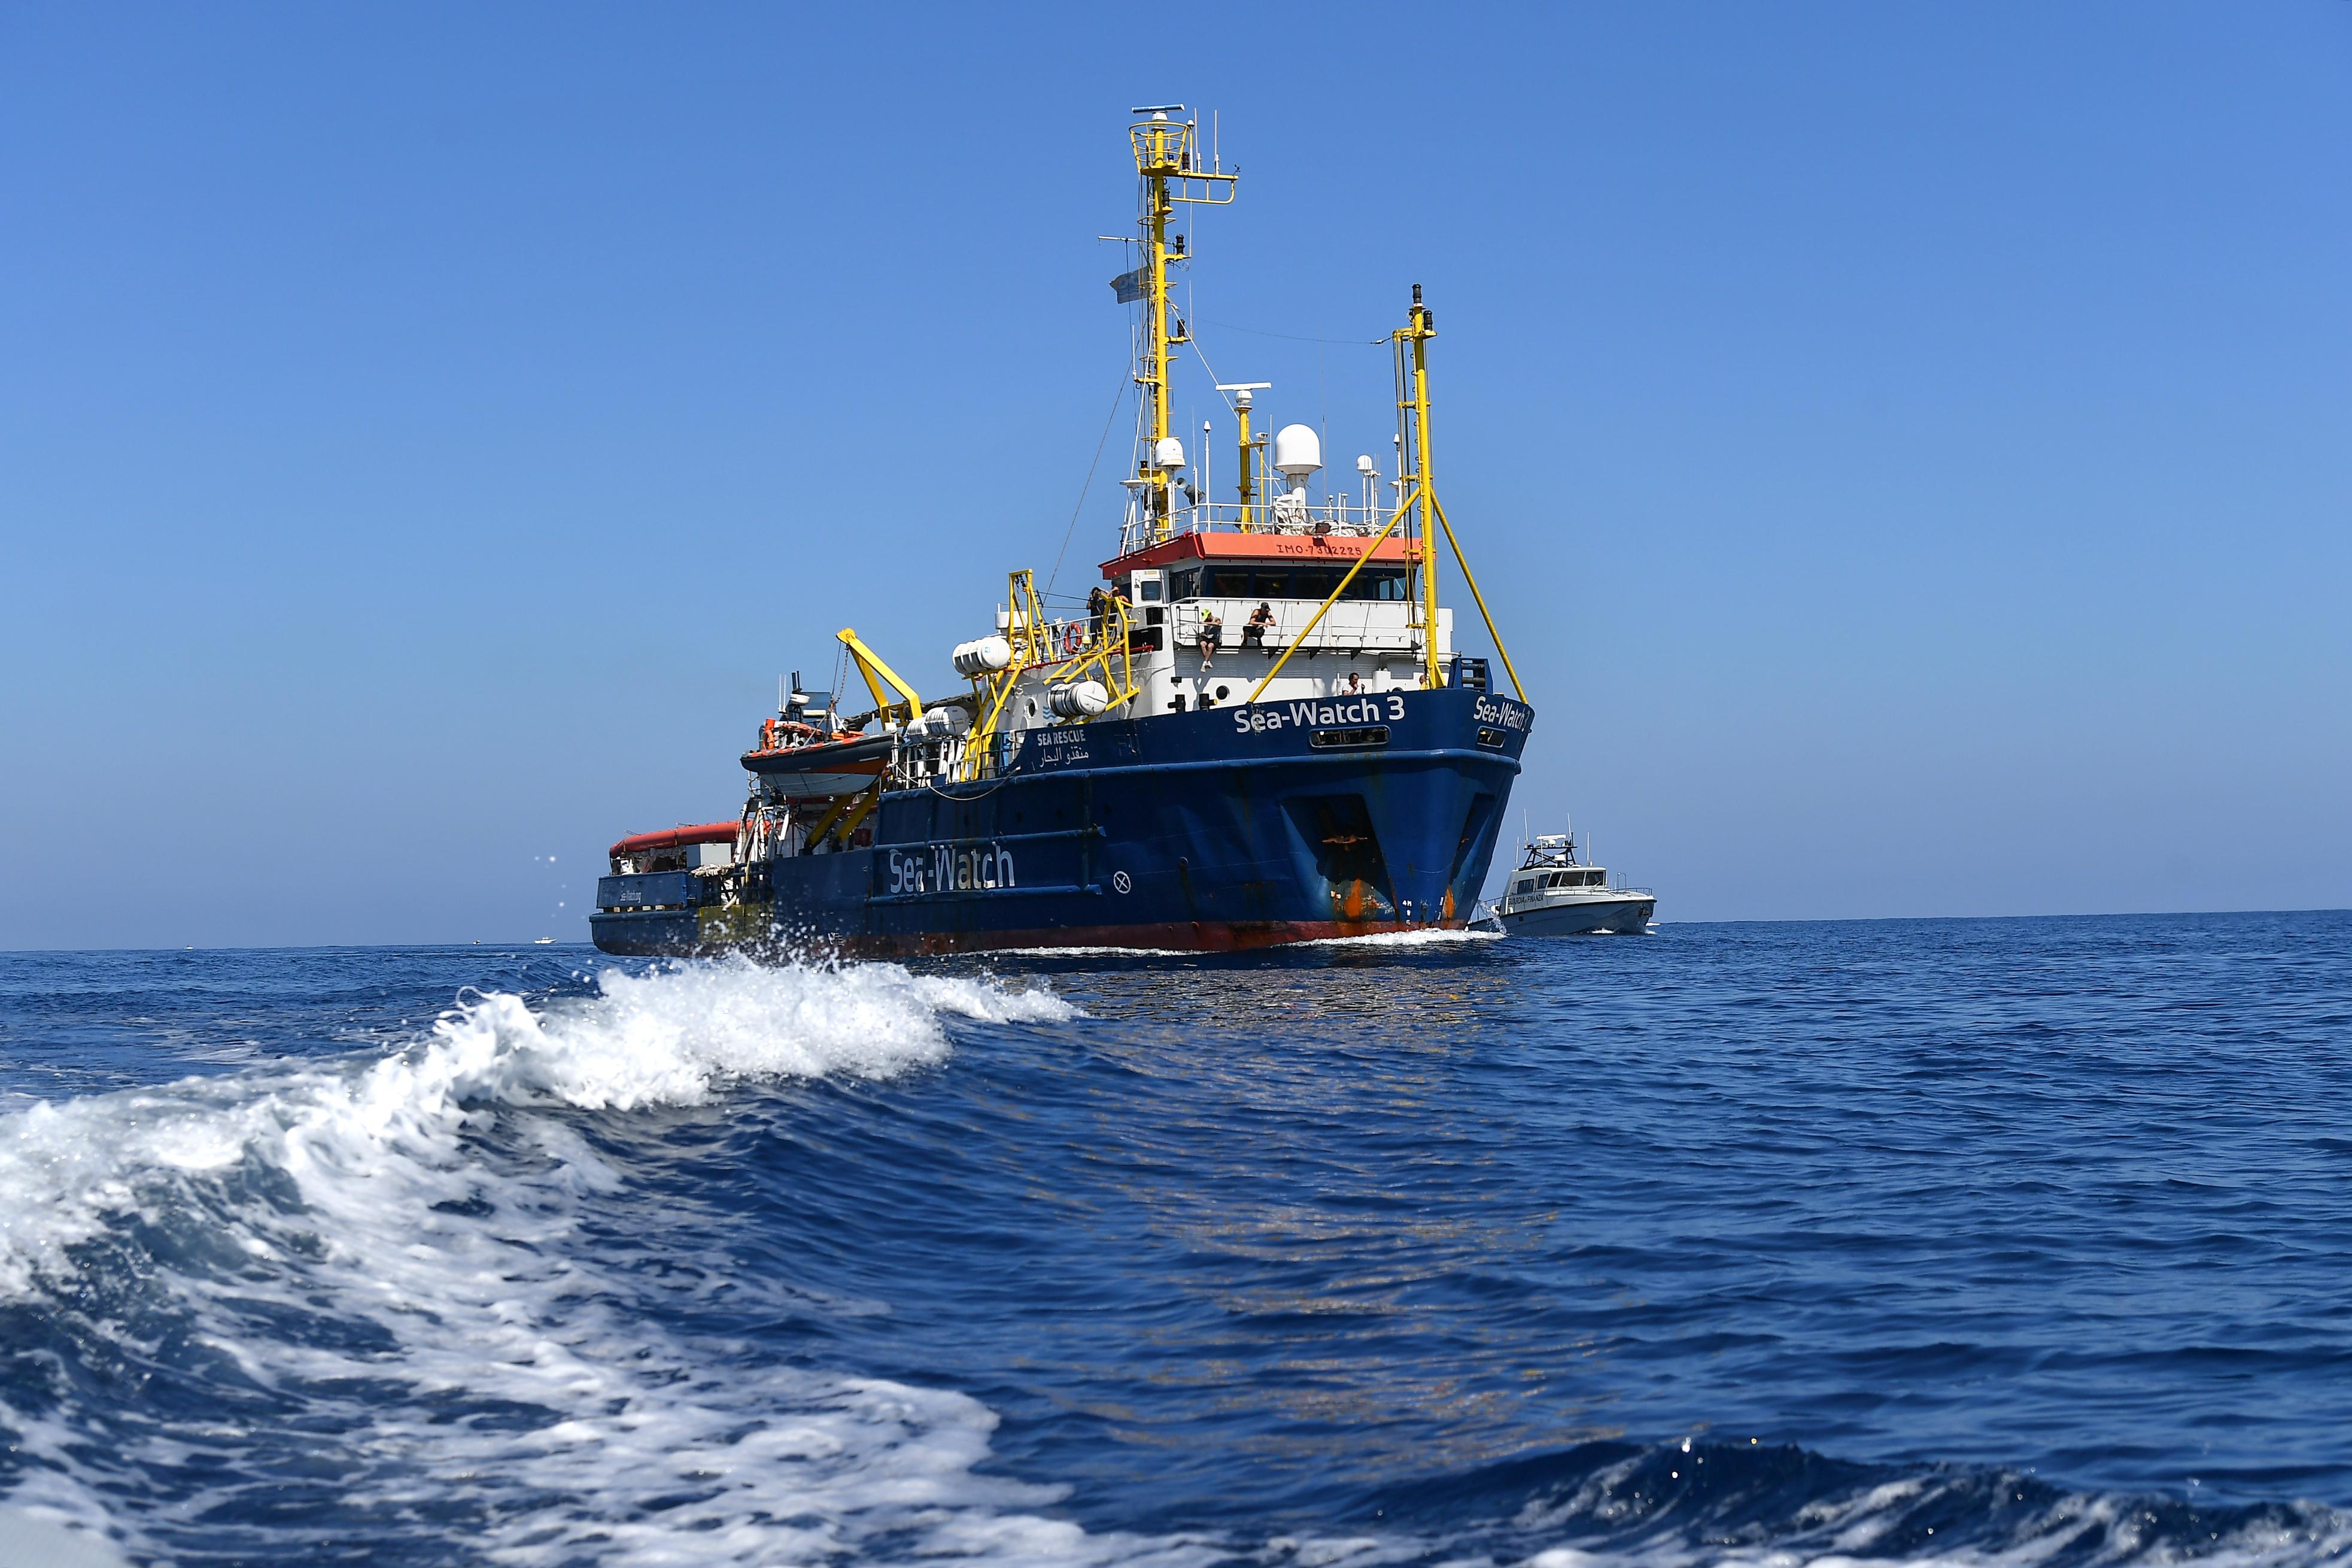 Sea Watch 3 e Carola Rackete - Matteo Marinelli